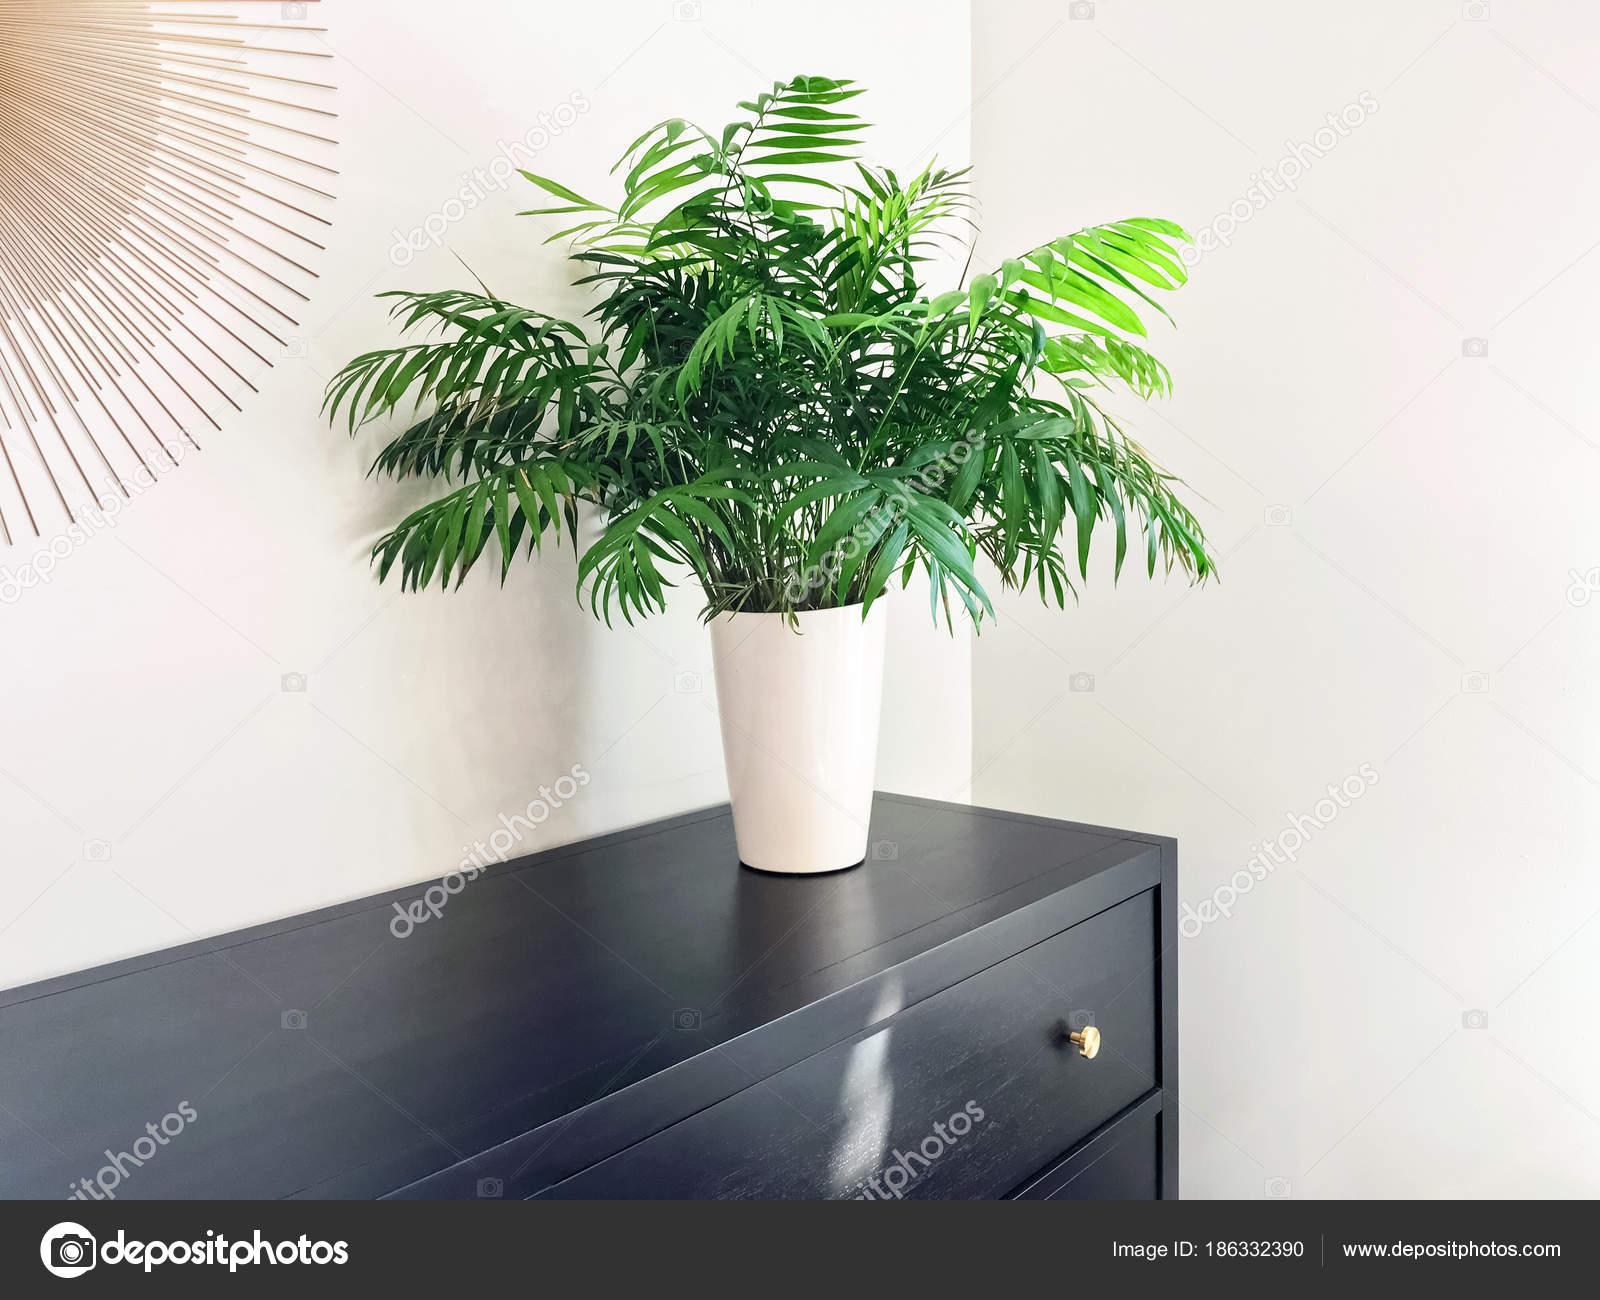 Salon Palme Pflanze Dekoration schwarz Holz Kommode — Stockfoto ...